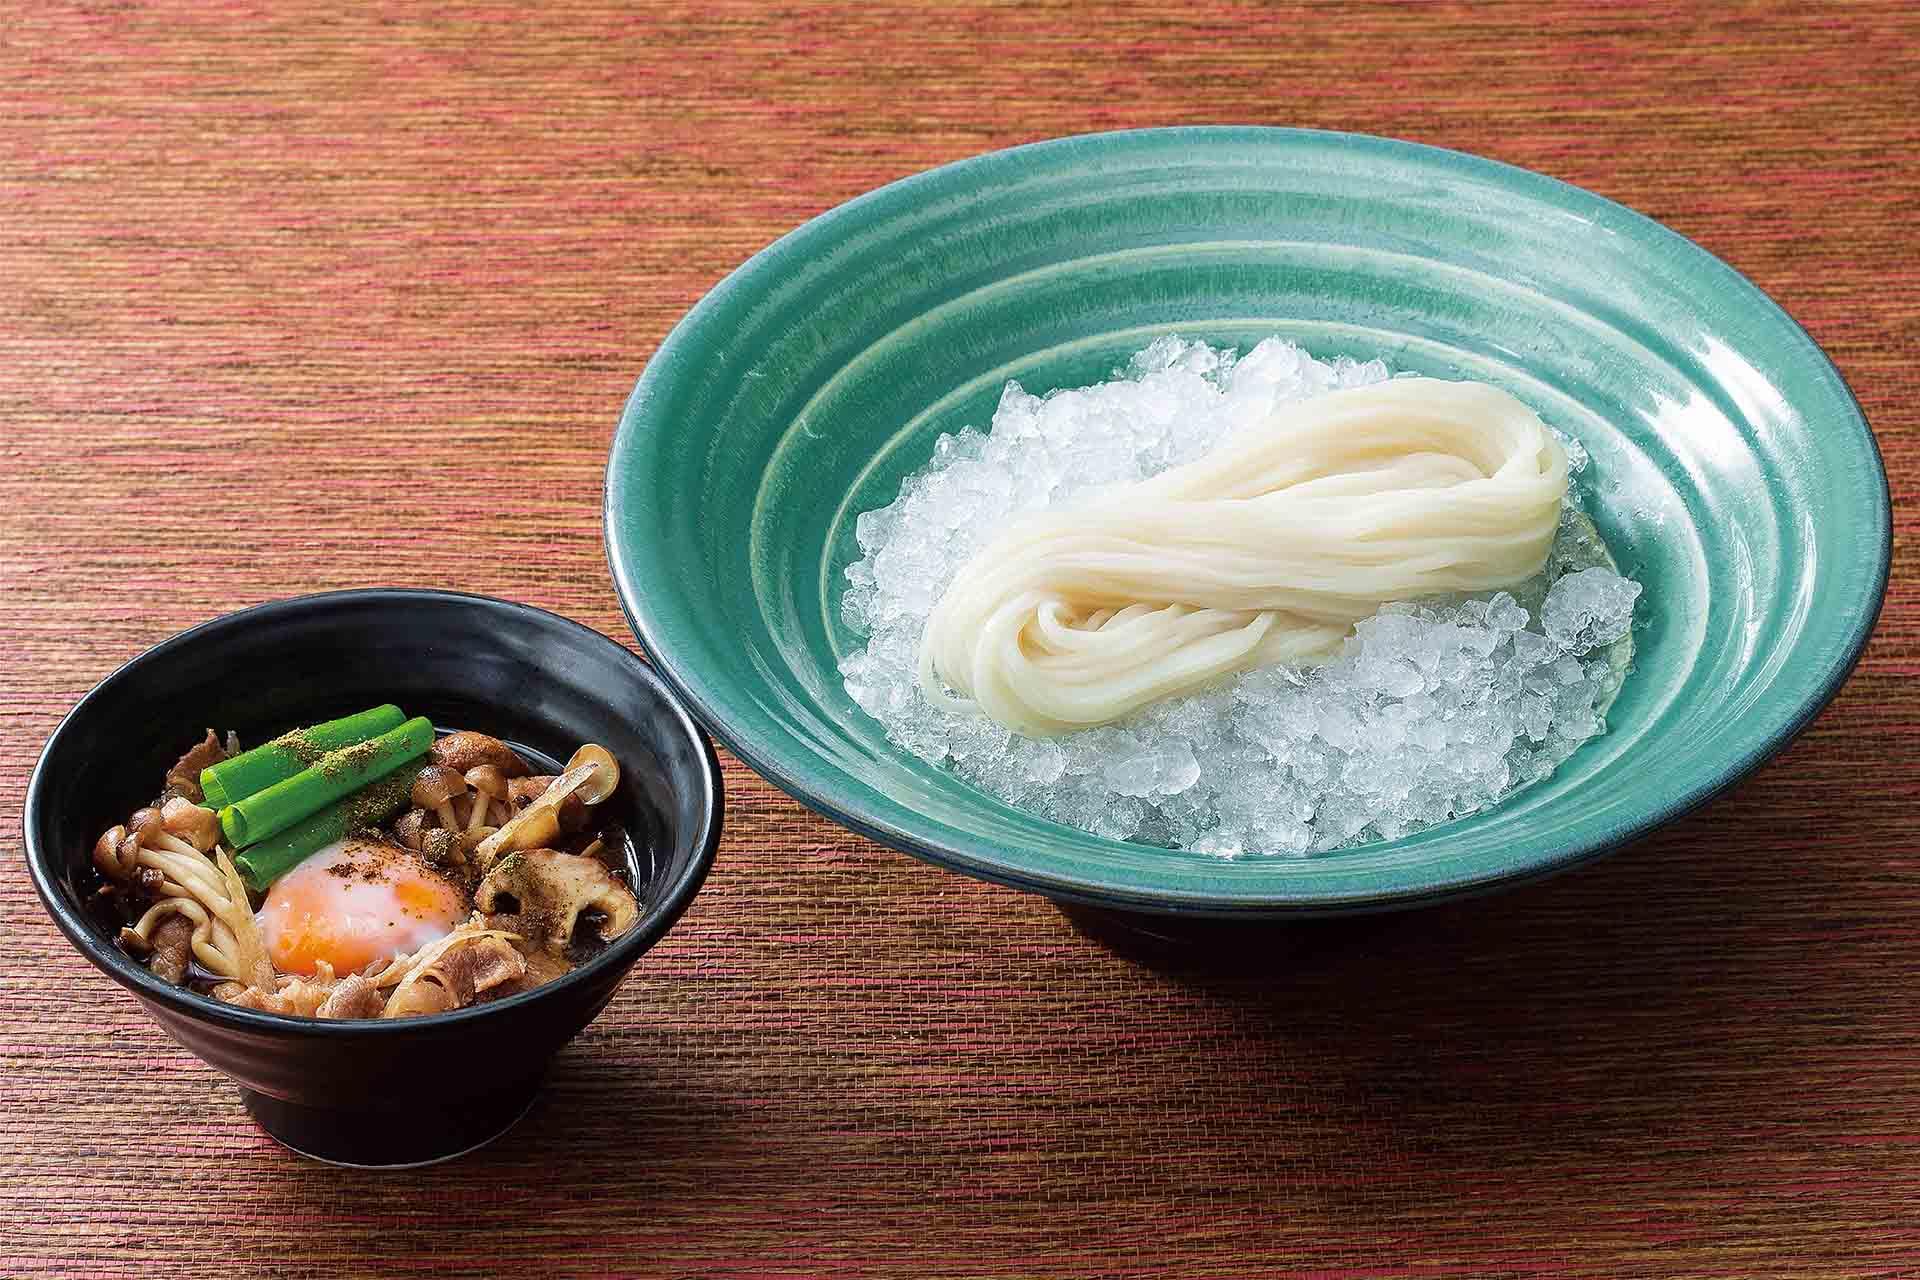 しびれ花椒つけ麺のおうどん